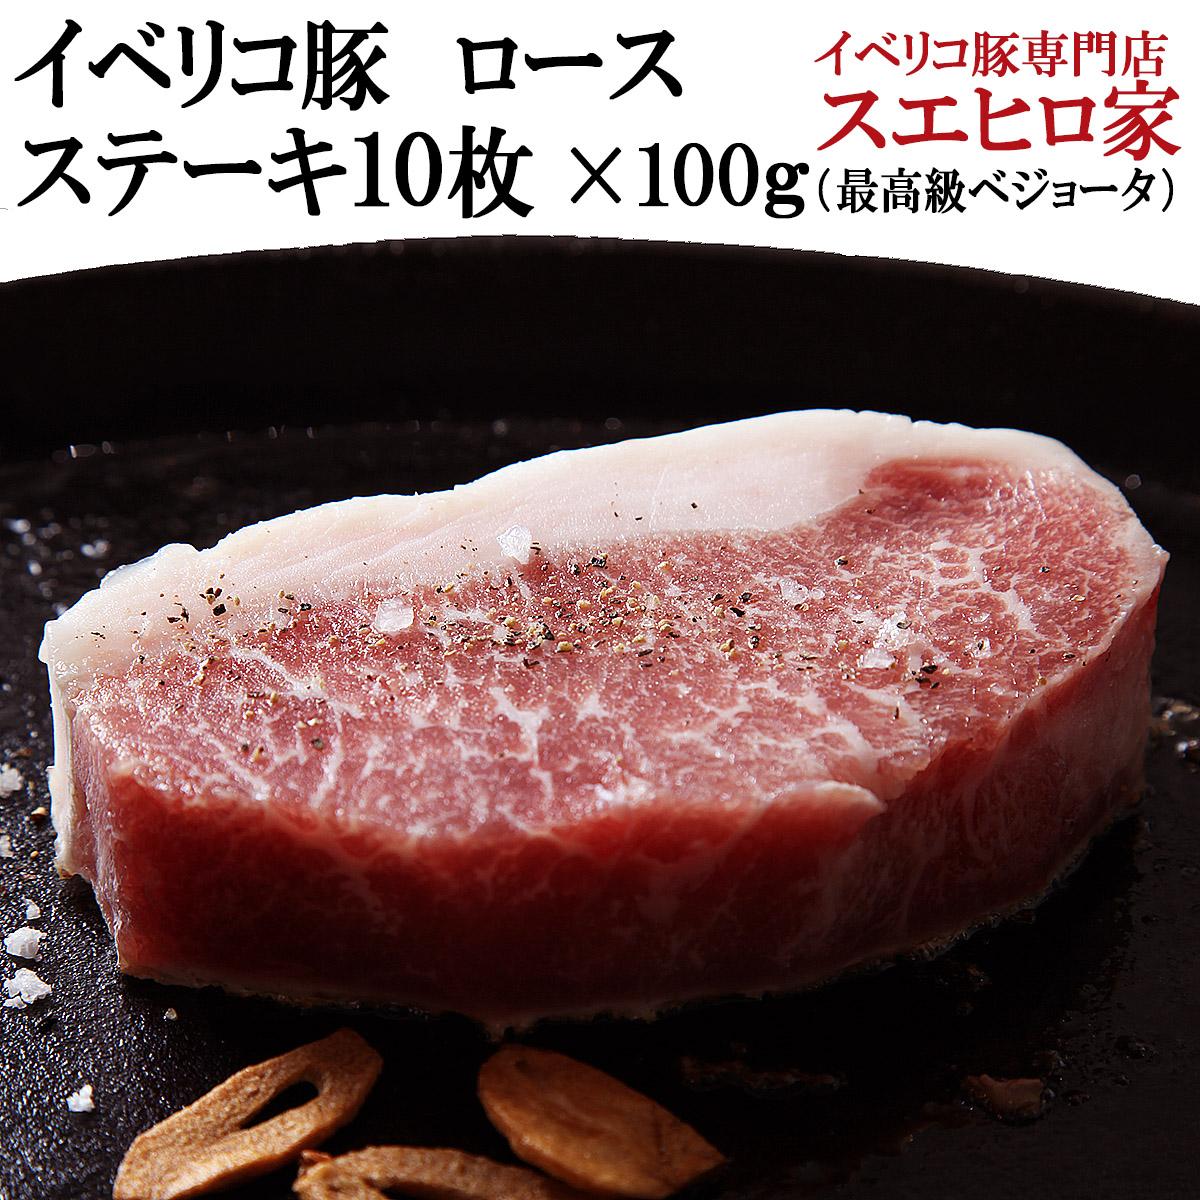 イベリコ豚 ロース ステーキ 10枚×100g (合計1kg)イベリコ豚 最高級 ベジョータ ランク 赤身ステーキ 赤身肉